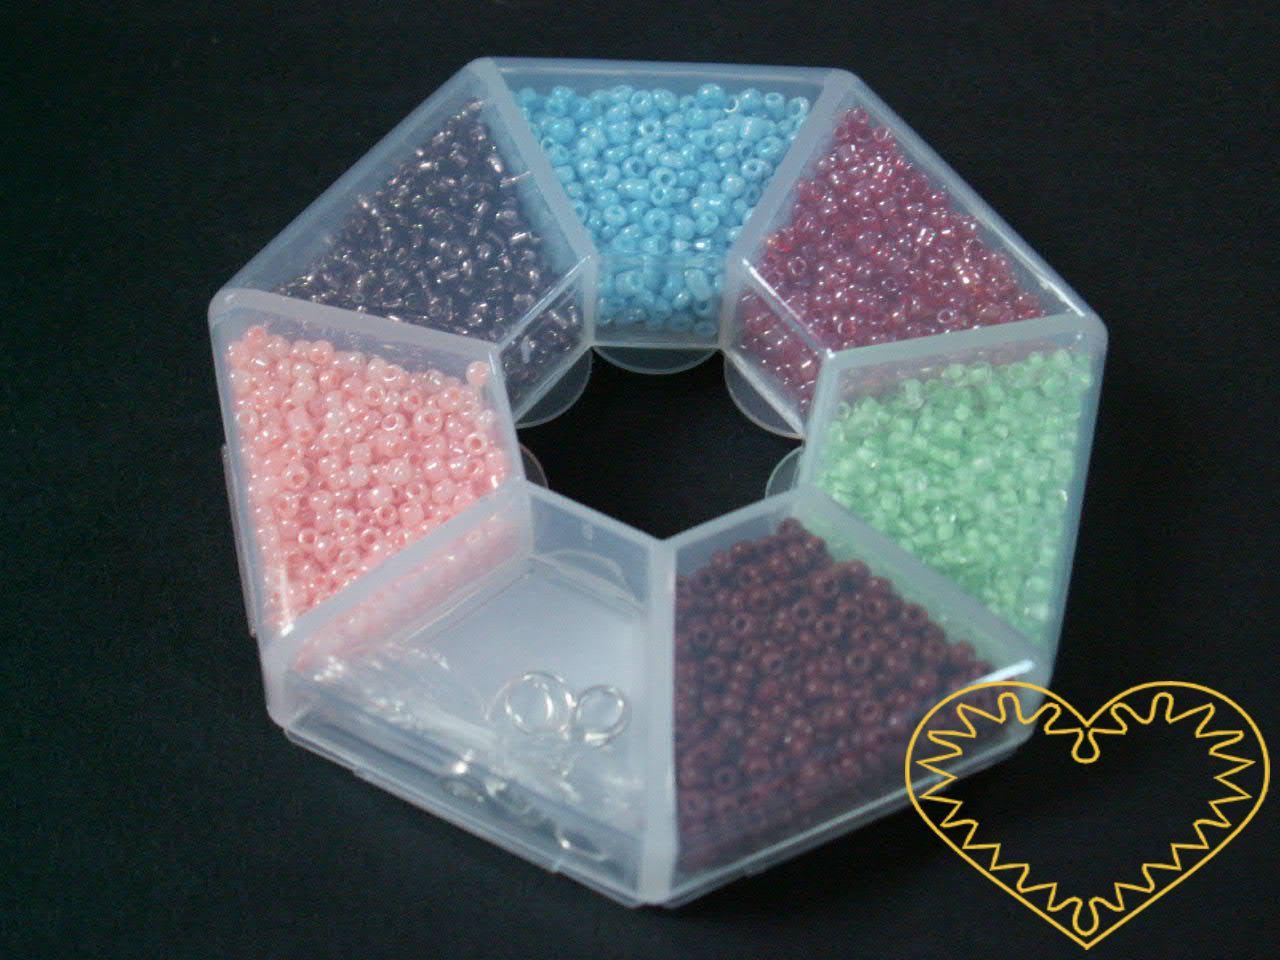 Barevné korálky / rokajl s komponenty v plastovém sedmihranu. Balení obsahuje: 6 barev korálků velikosti 2 mm, 2 šroubovací zapínání a 2 silikonové vlasce. Vhodné k výrobě náušnic, náramků, náhrdelníků, motanic a vánočních ozdob.